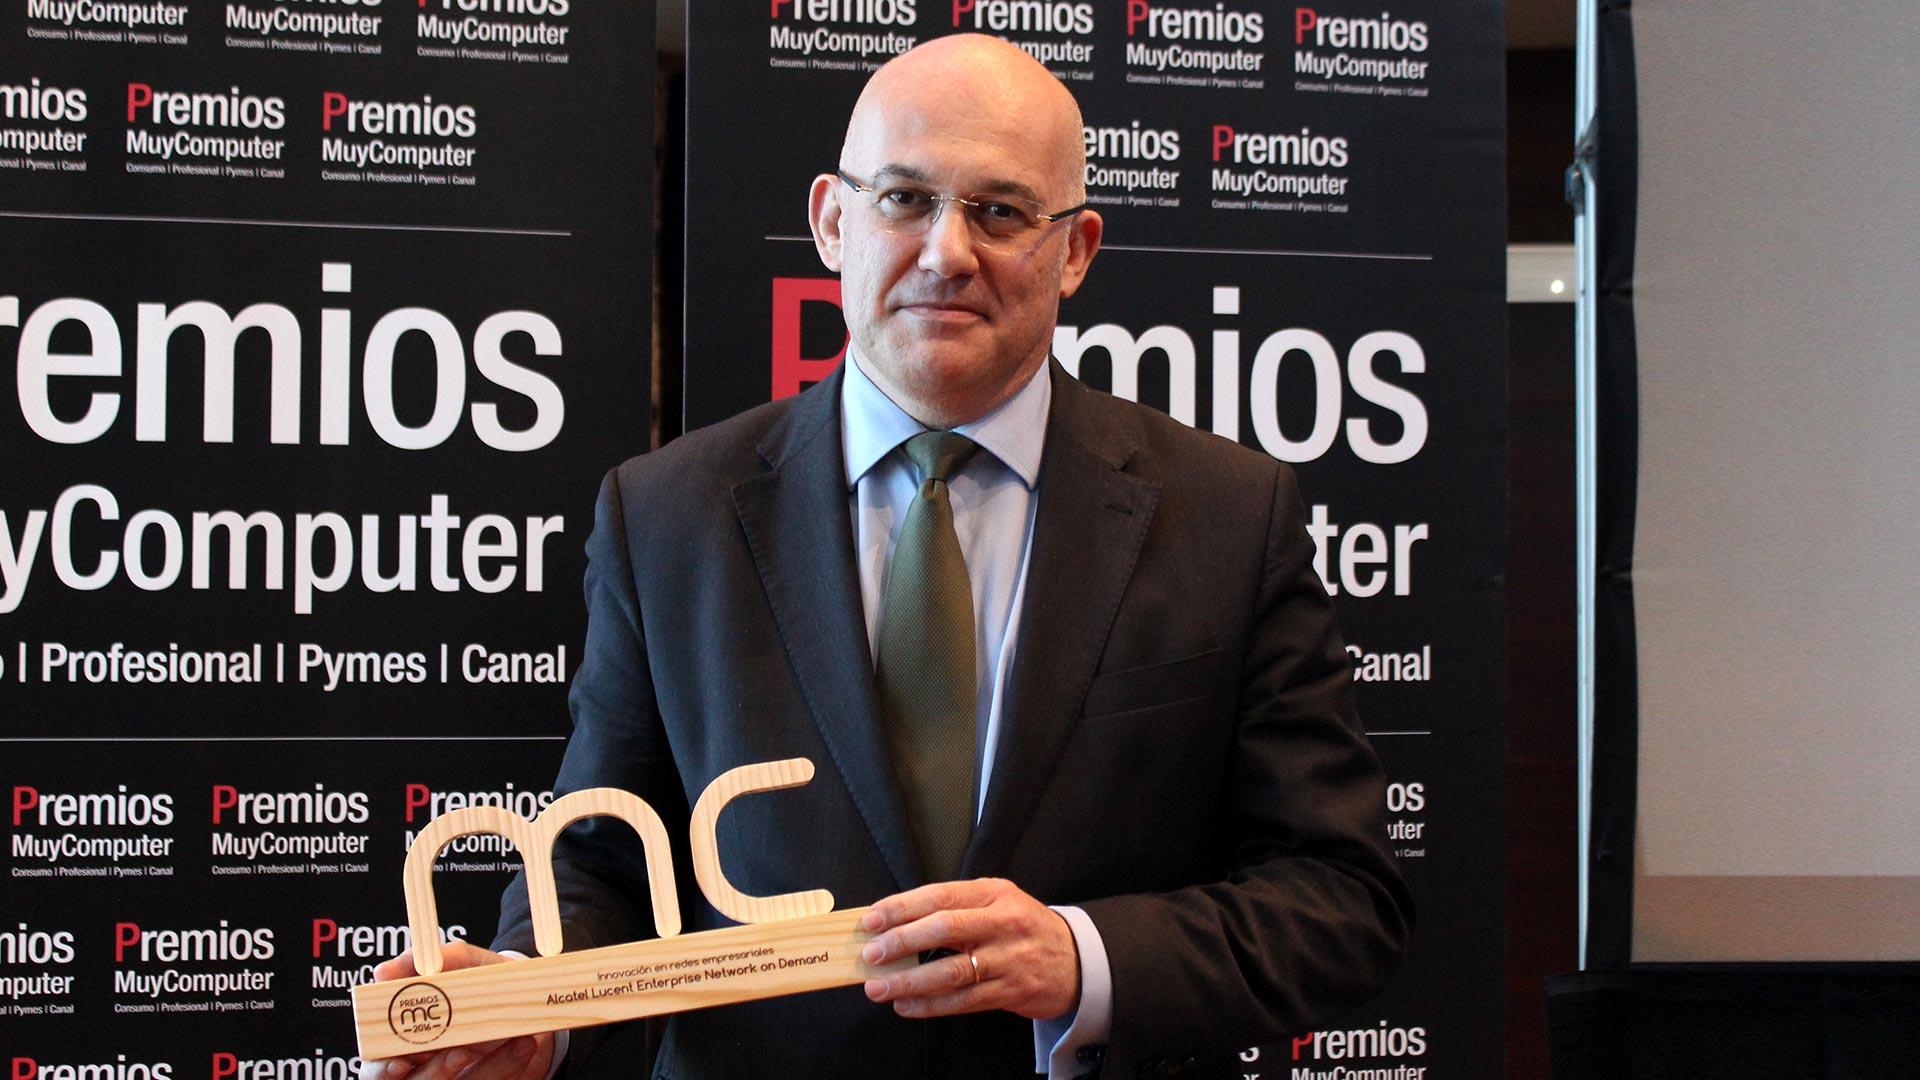 premiosmc2016-innovacion-redes-empresariales-alcatel